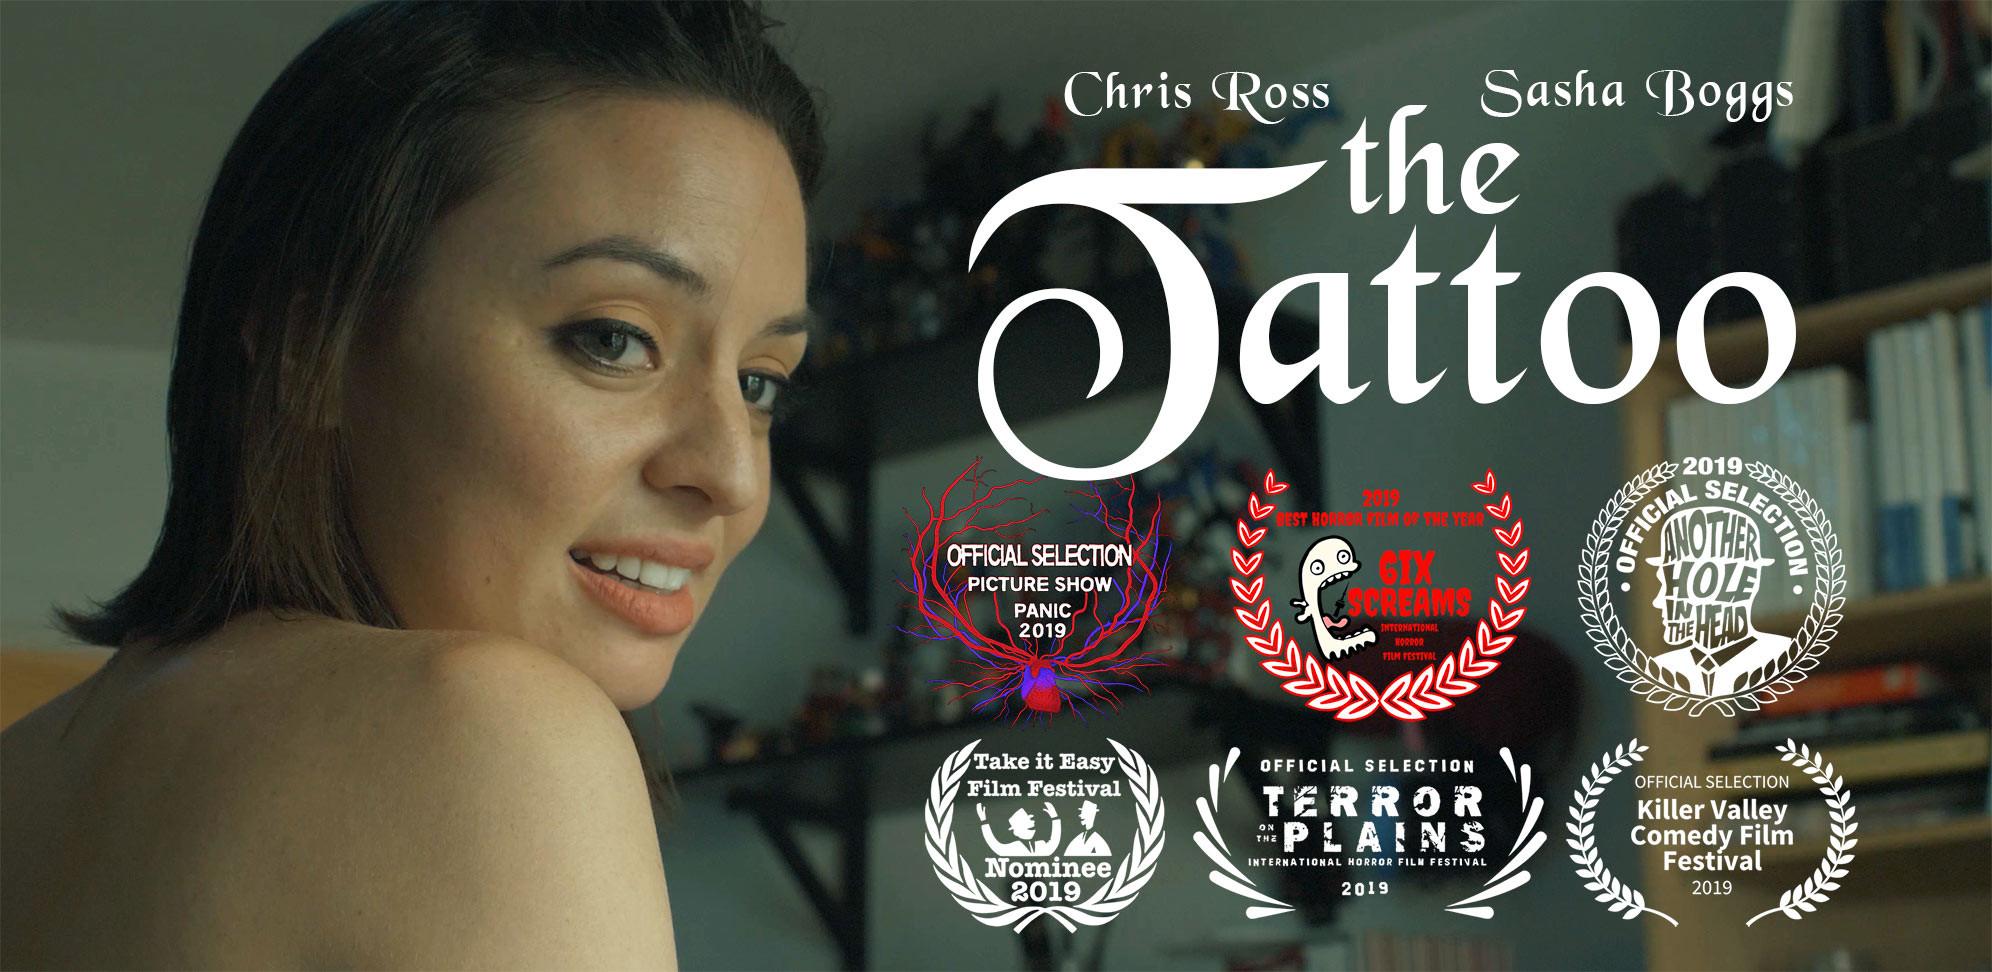 The Tattoo (2018)